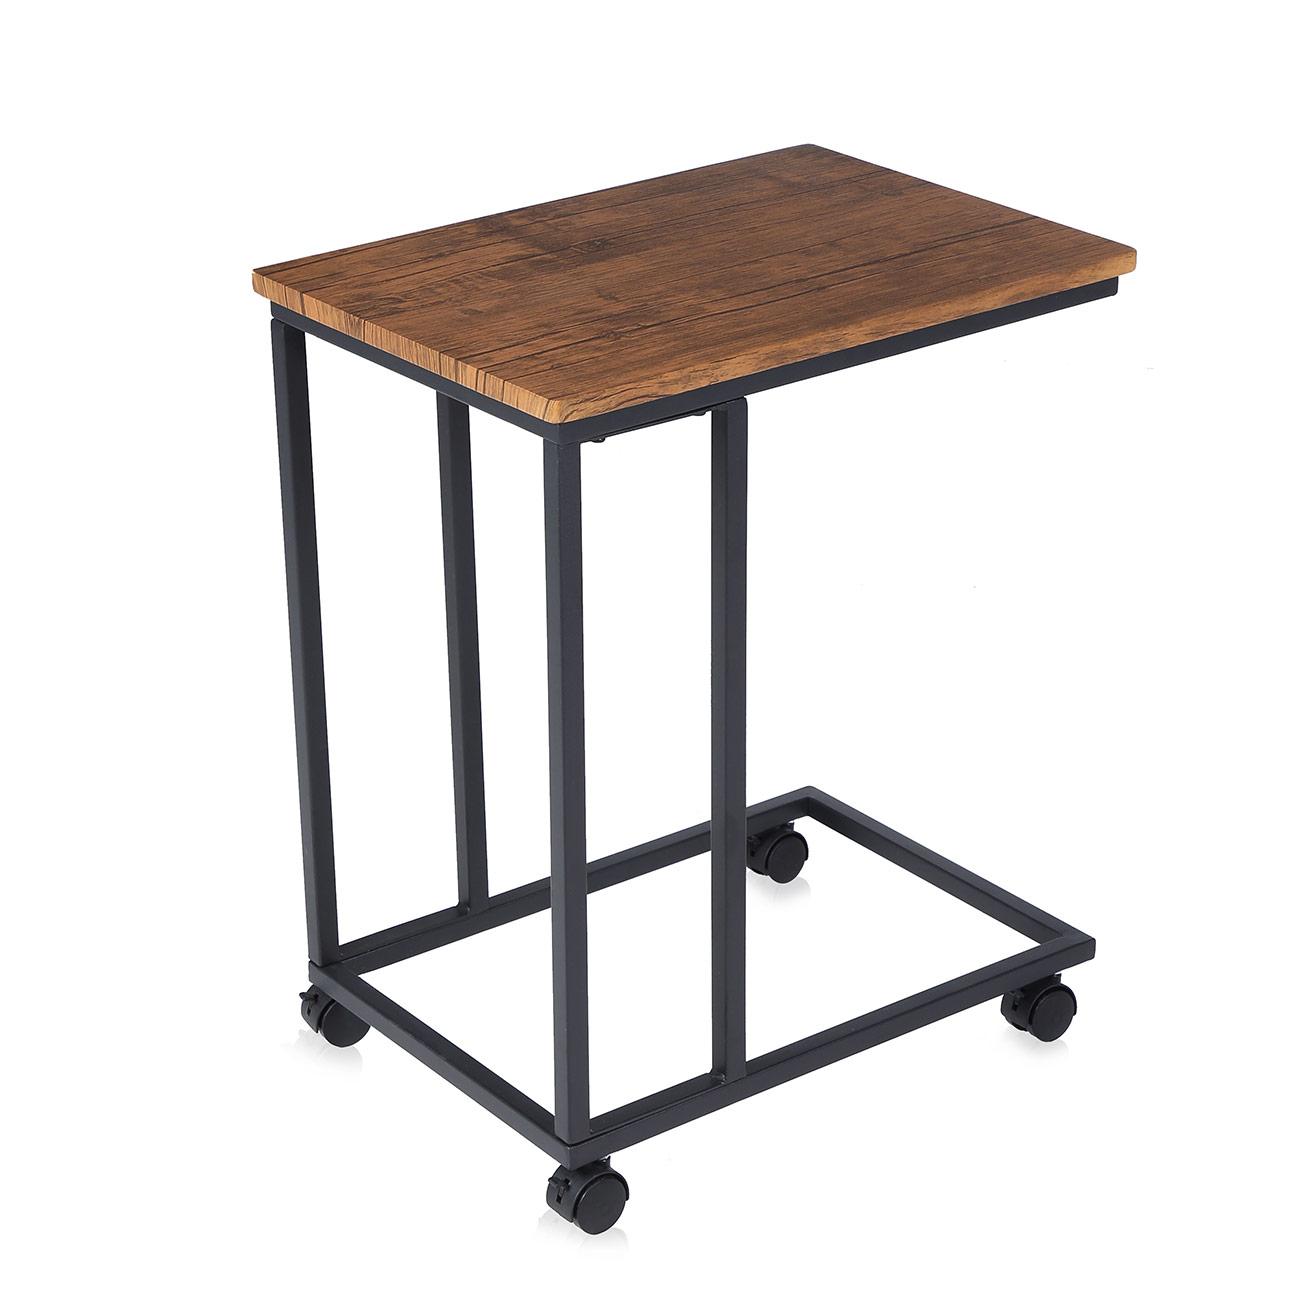 Comodino Con Ruote.Makika Design Vintage Tavolino Da Caffe Tavolino Mobile Comodino Con 2 Diverse Ruote Con E Senza Freno